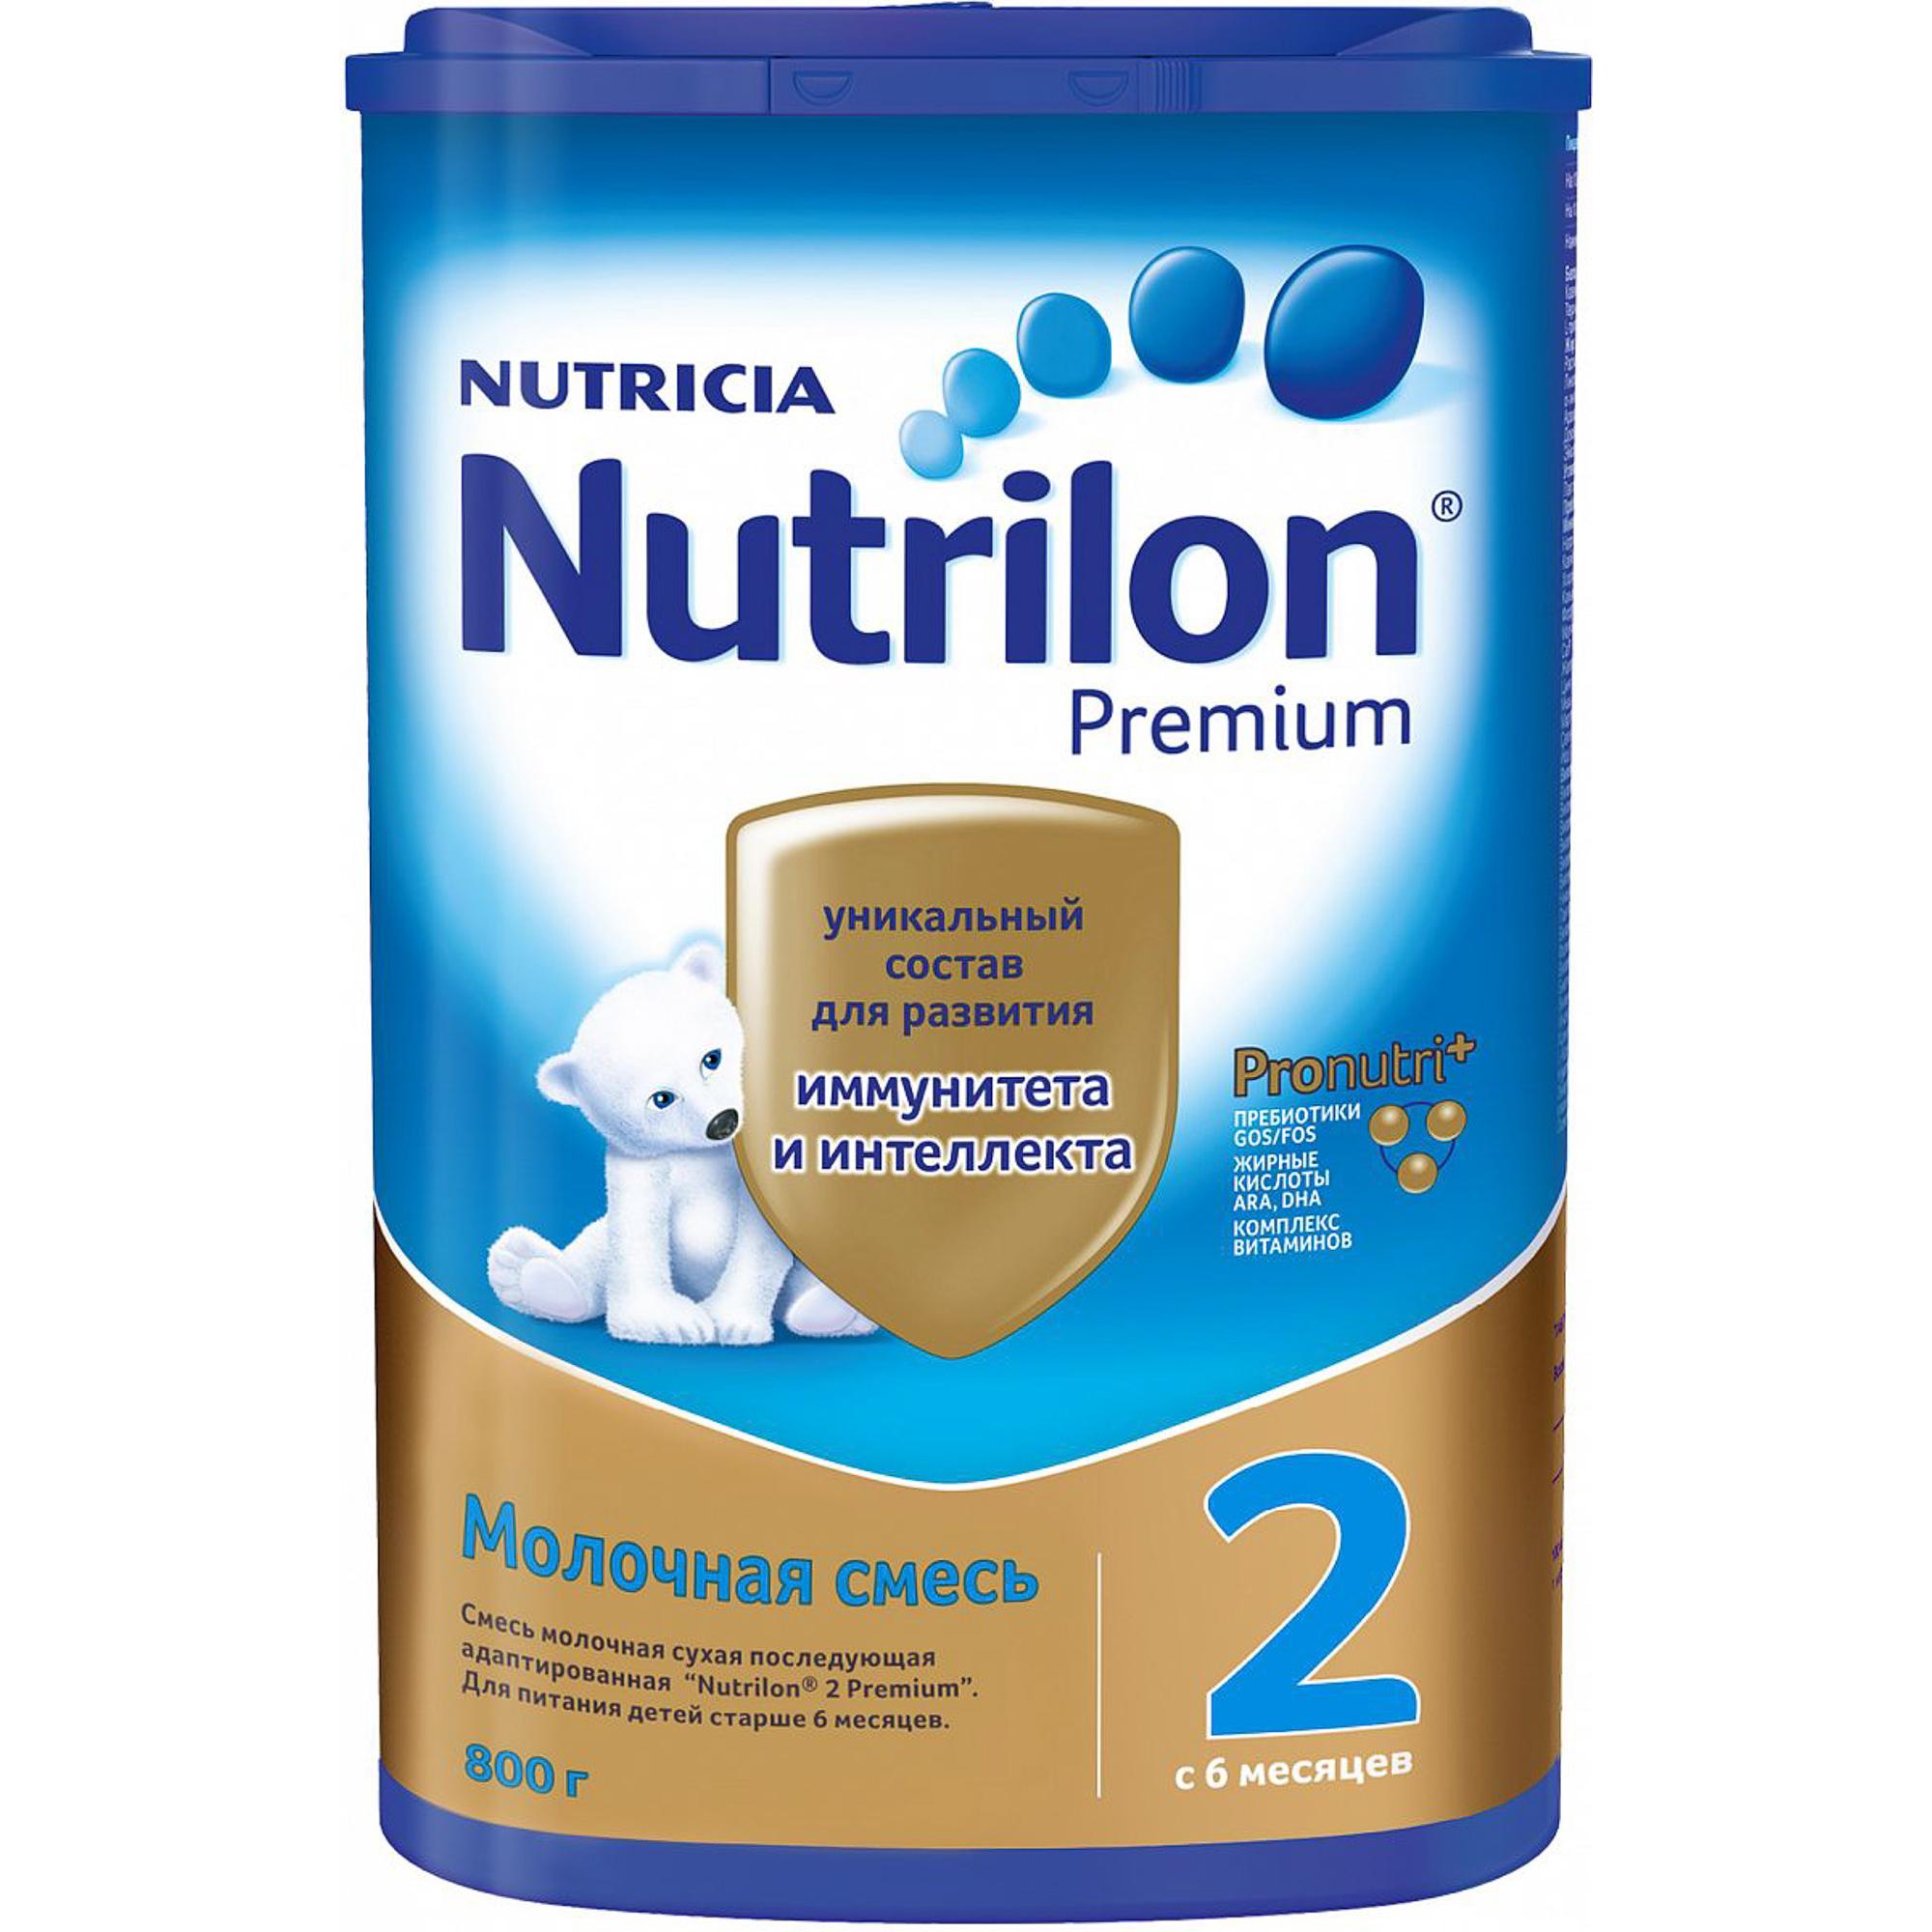 Смесь молочная Nutrilon 2 Premium с 6 месяцев 800 г молочная смесь nutricia nutrilon nutricia 1 premium c рождения 800 г